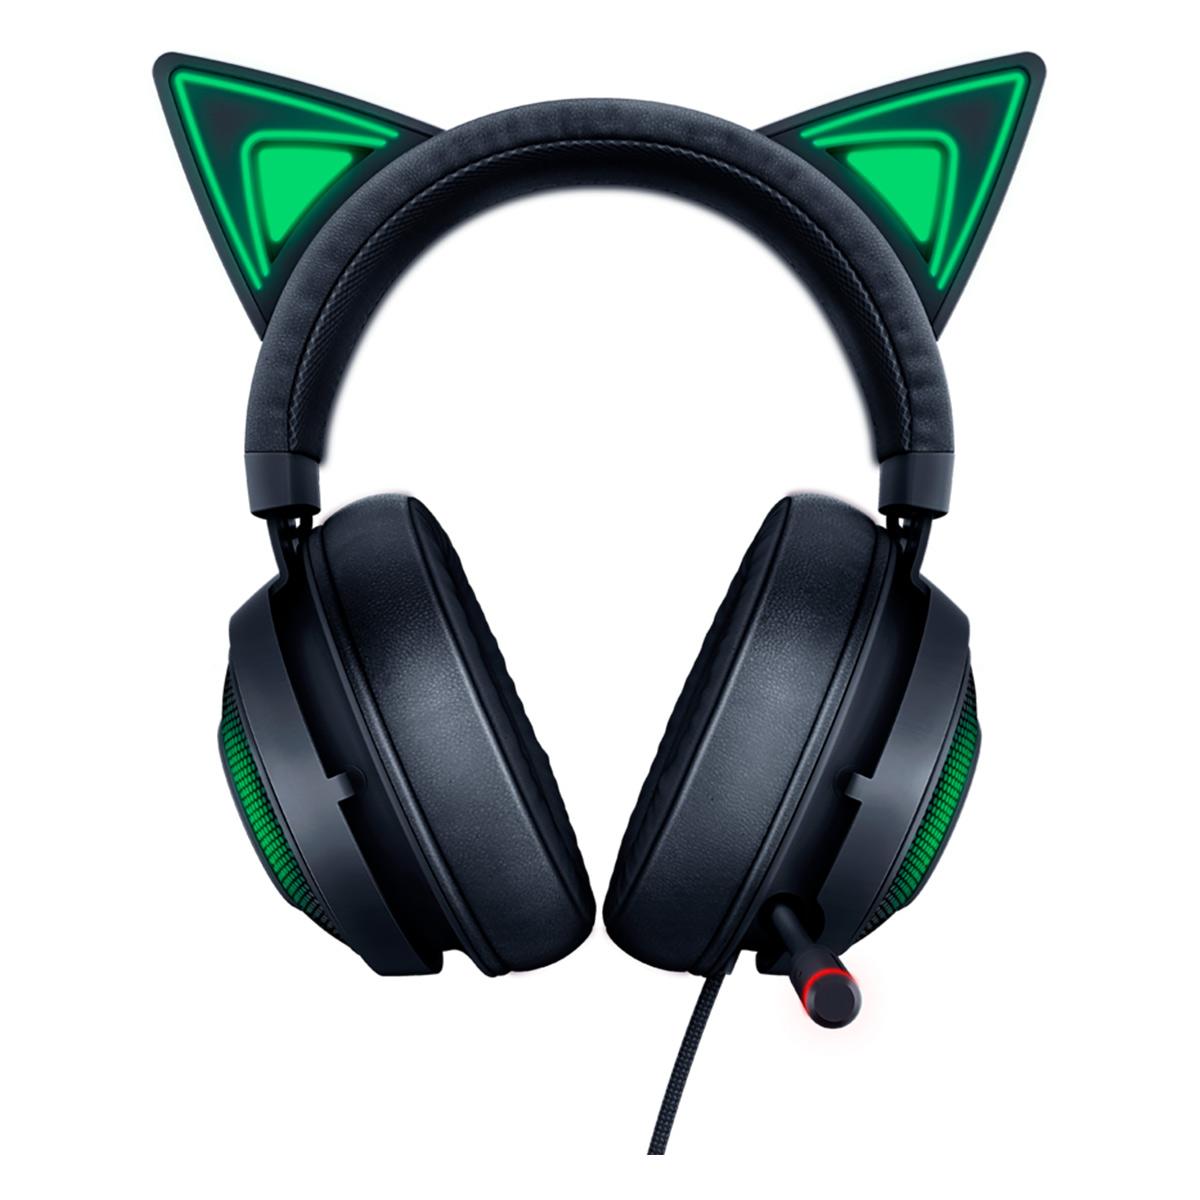 Tai nghe Razer Kraken Kitty (Black) - Hàng chính hãng